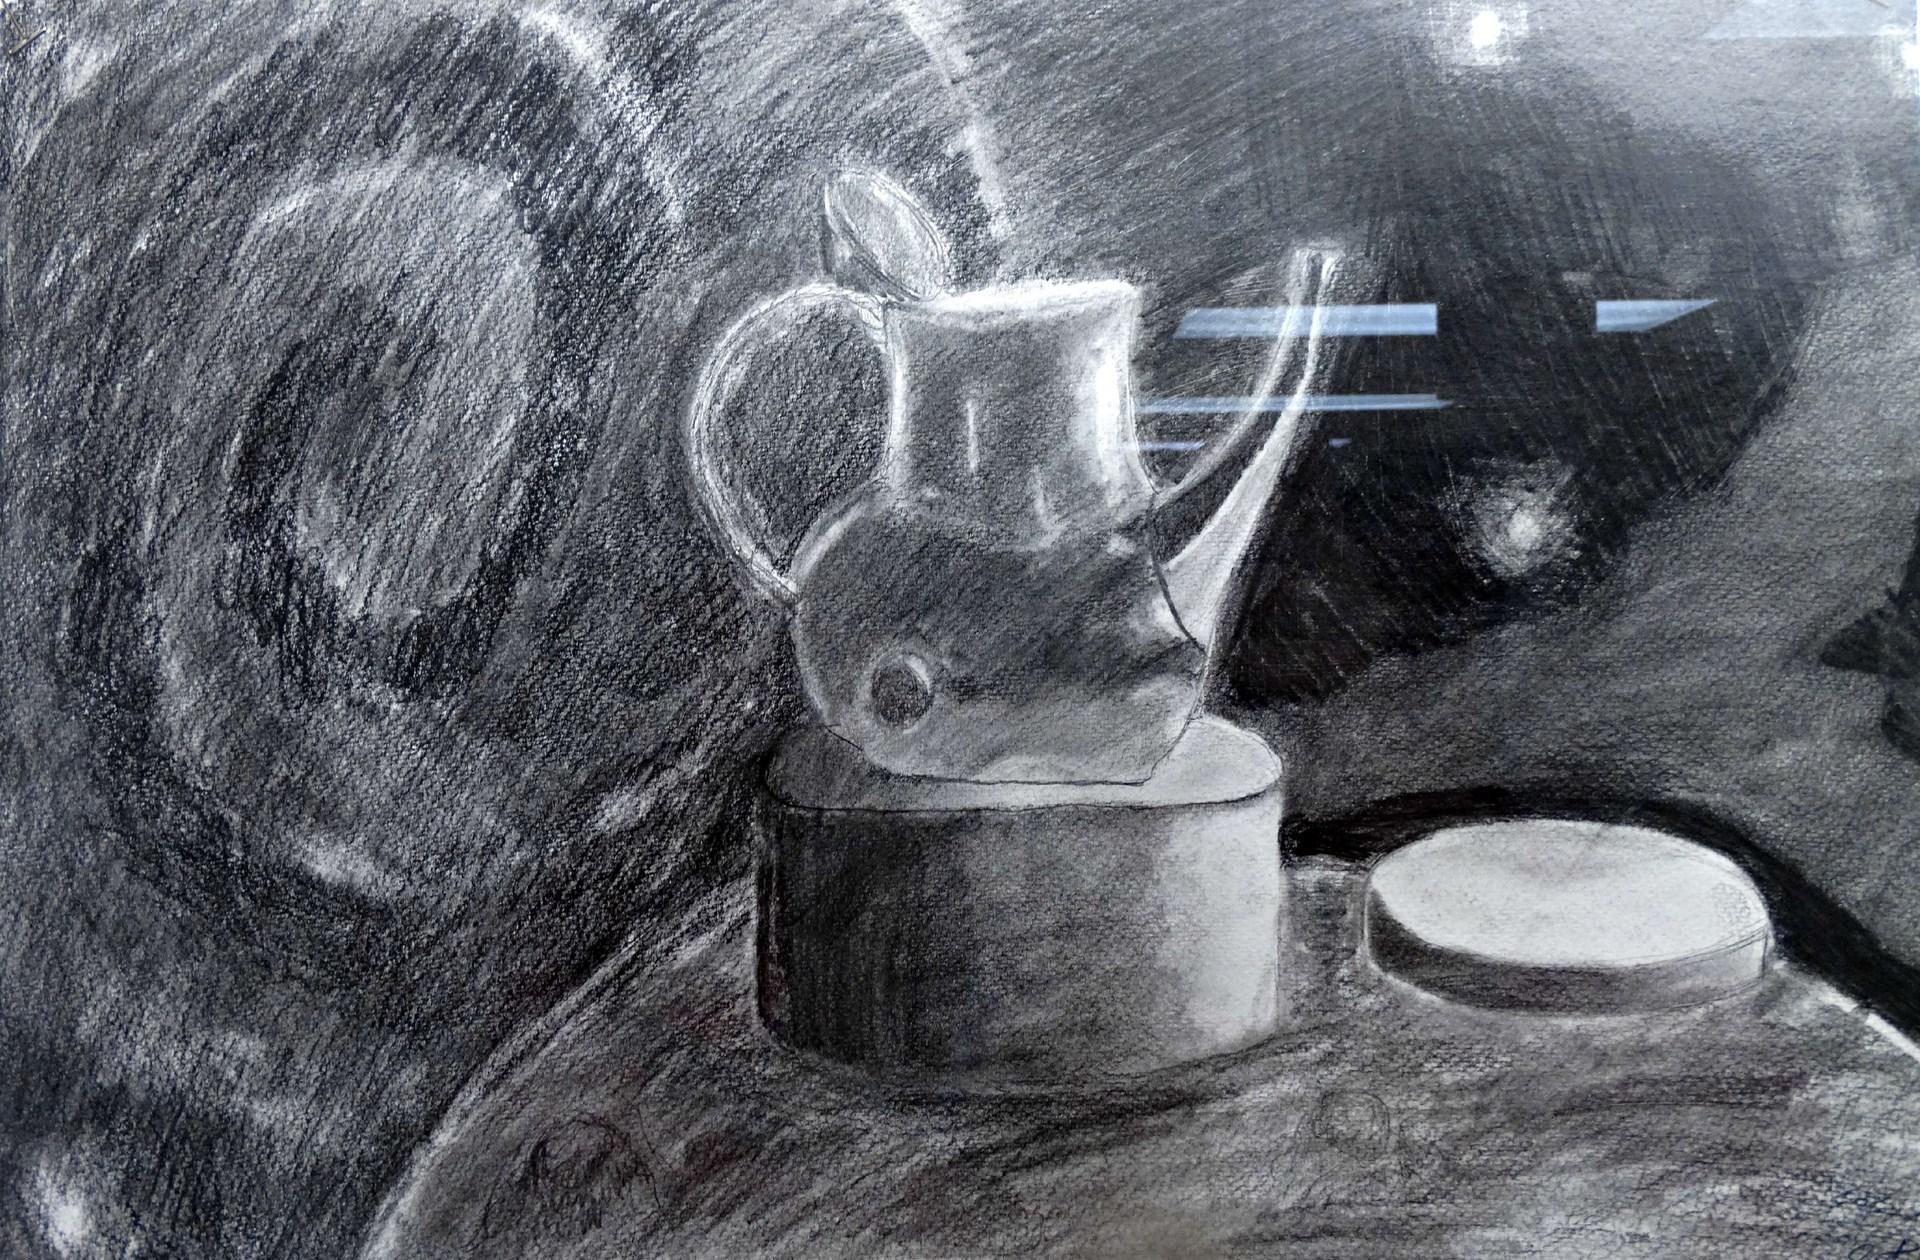 Artist: Stevie Frey, Grade 10 at McGuffey HS